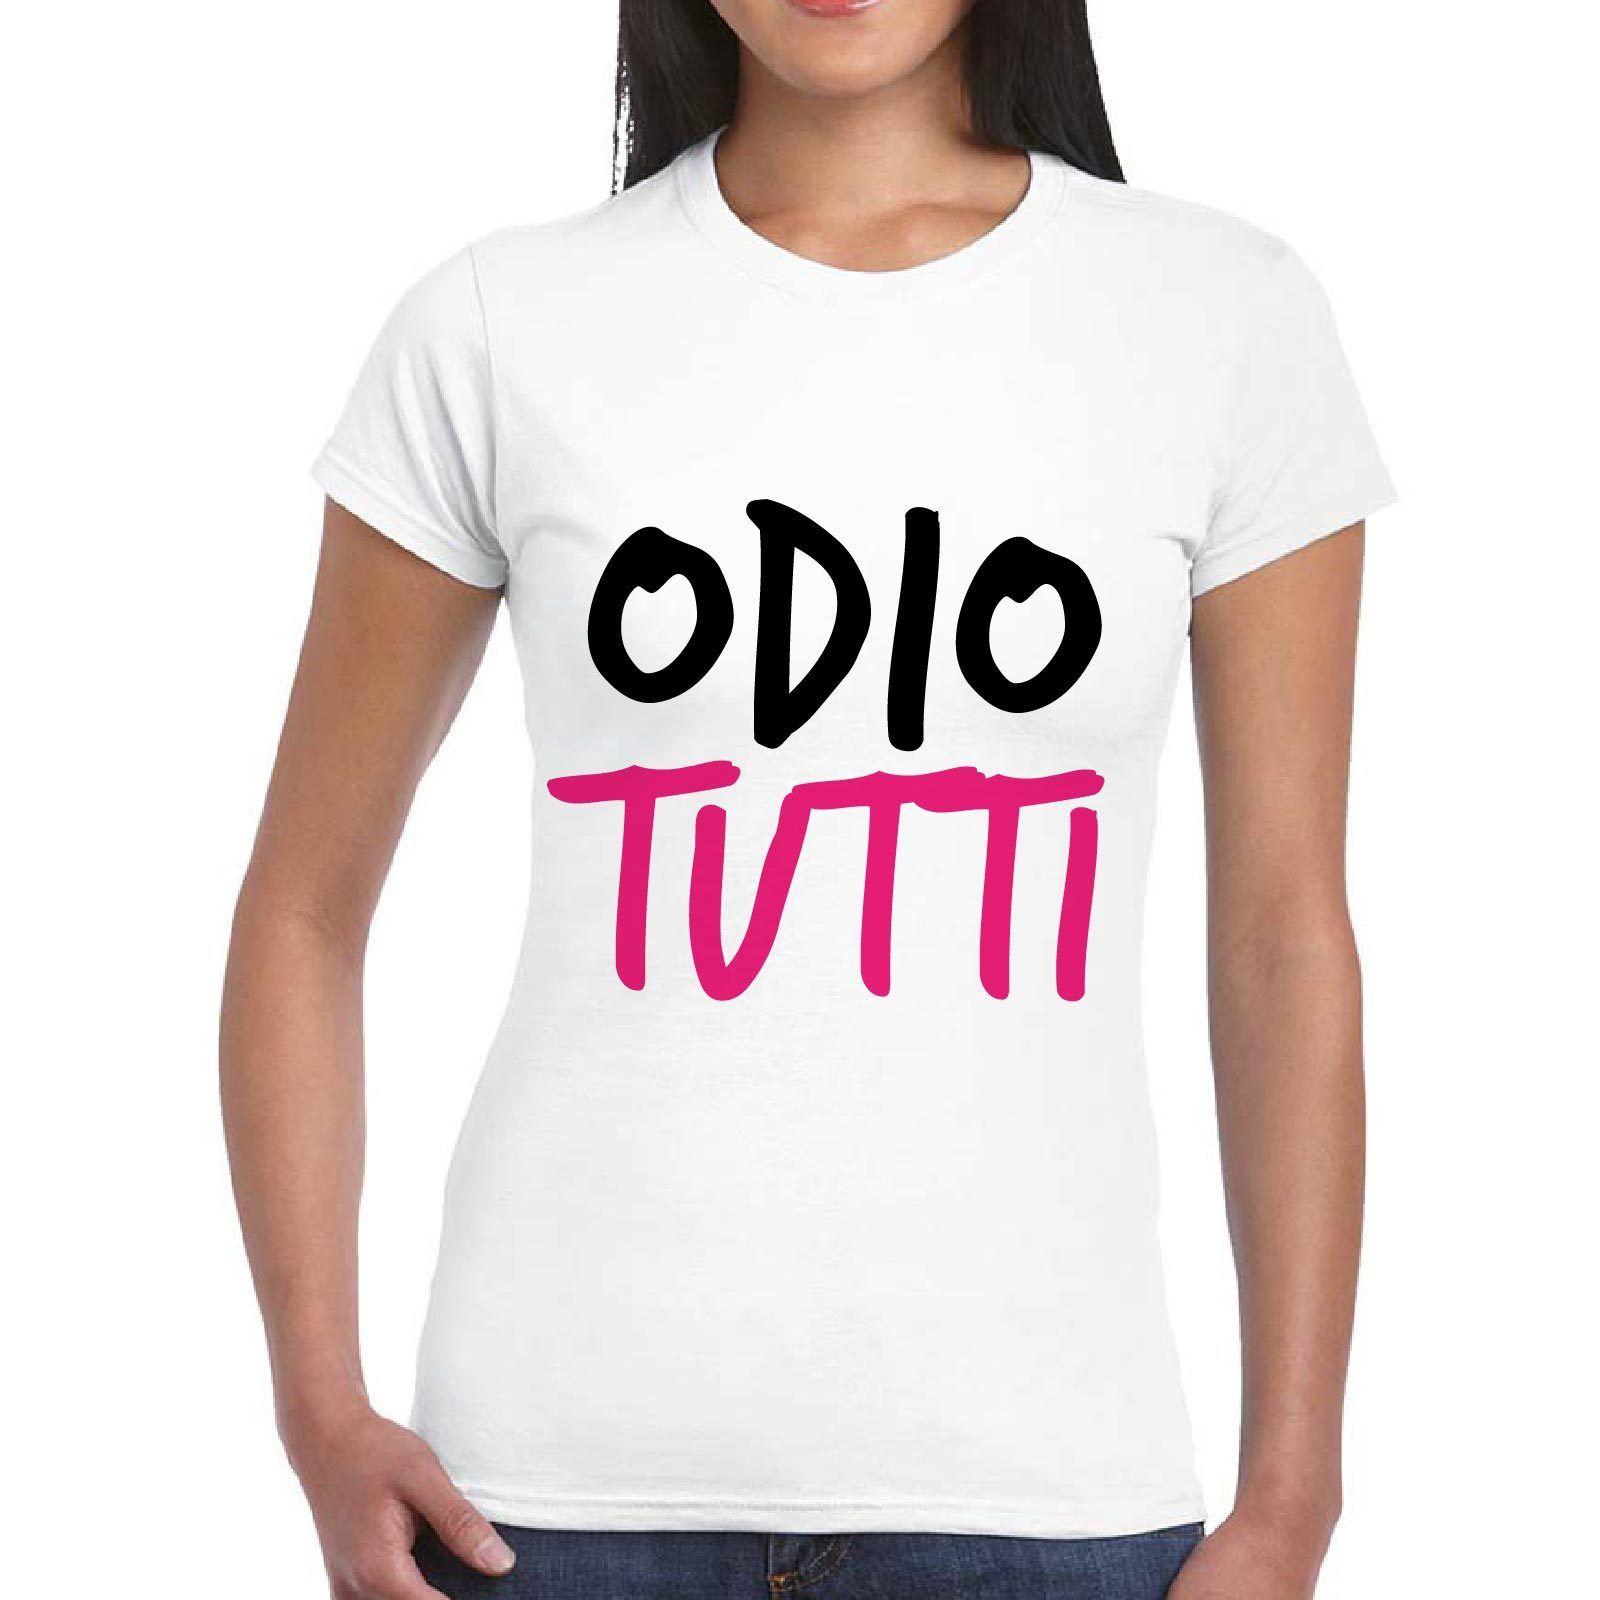 2018 Fashion T-Shirt Divertente Donna Maglietta Maglia Con Stampa Frasi Simpatiche Odio Tutti Fashion Women Tshirt ...